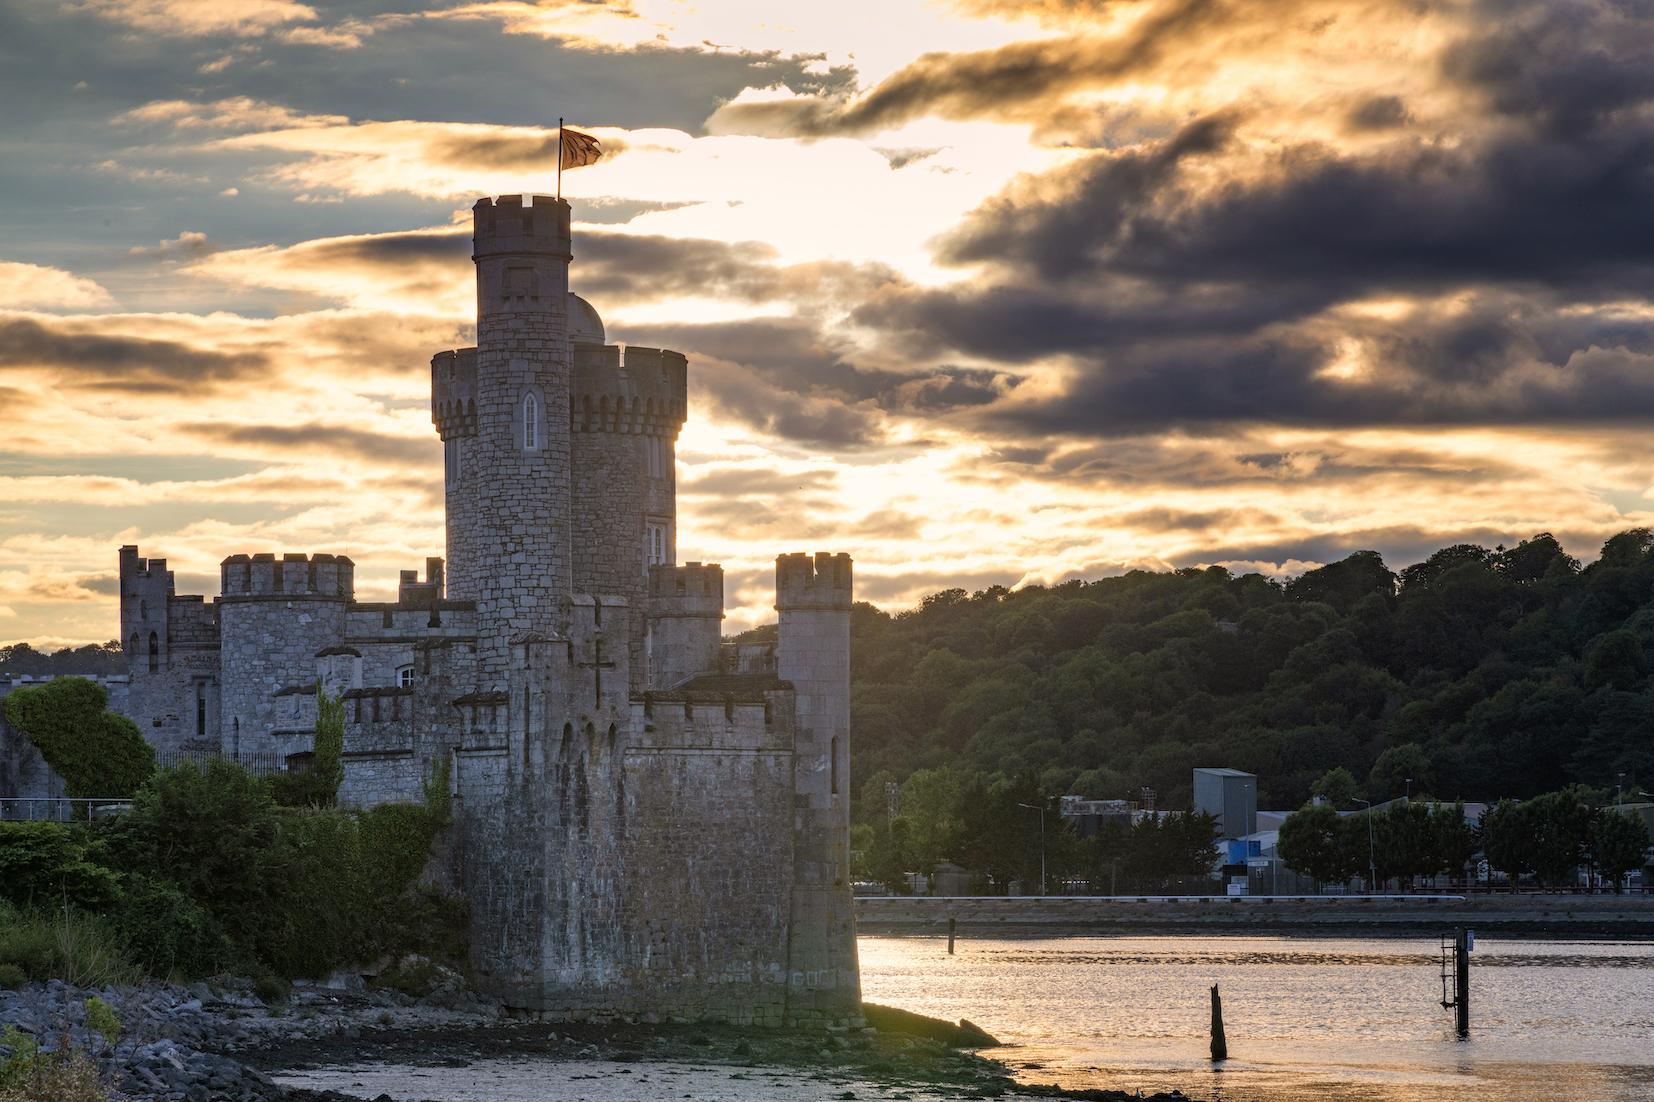 Castillo de Blackrock Condado de Cork / Turismo de Irlanda